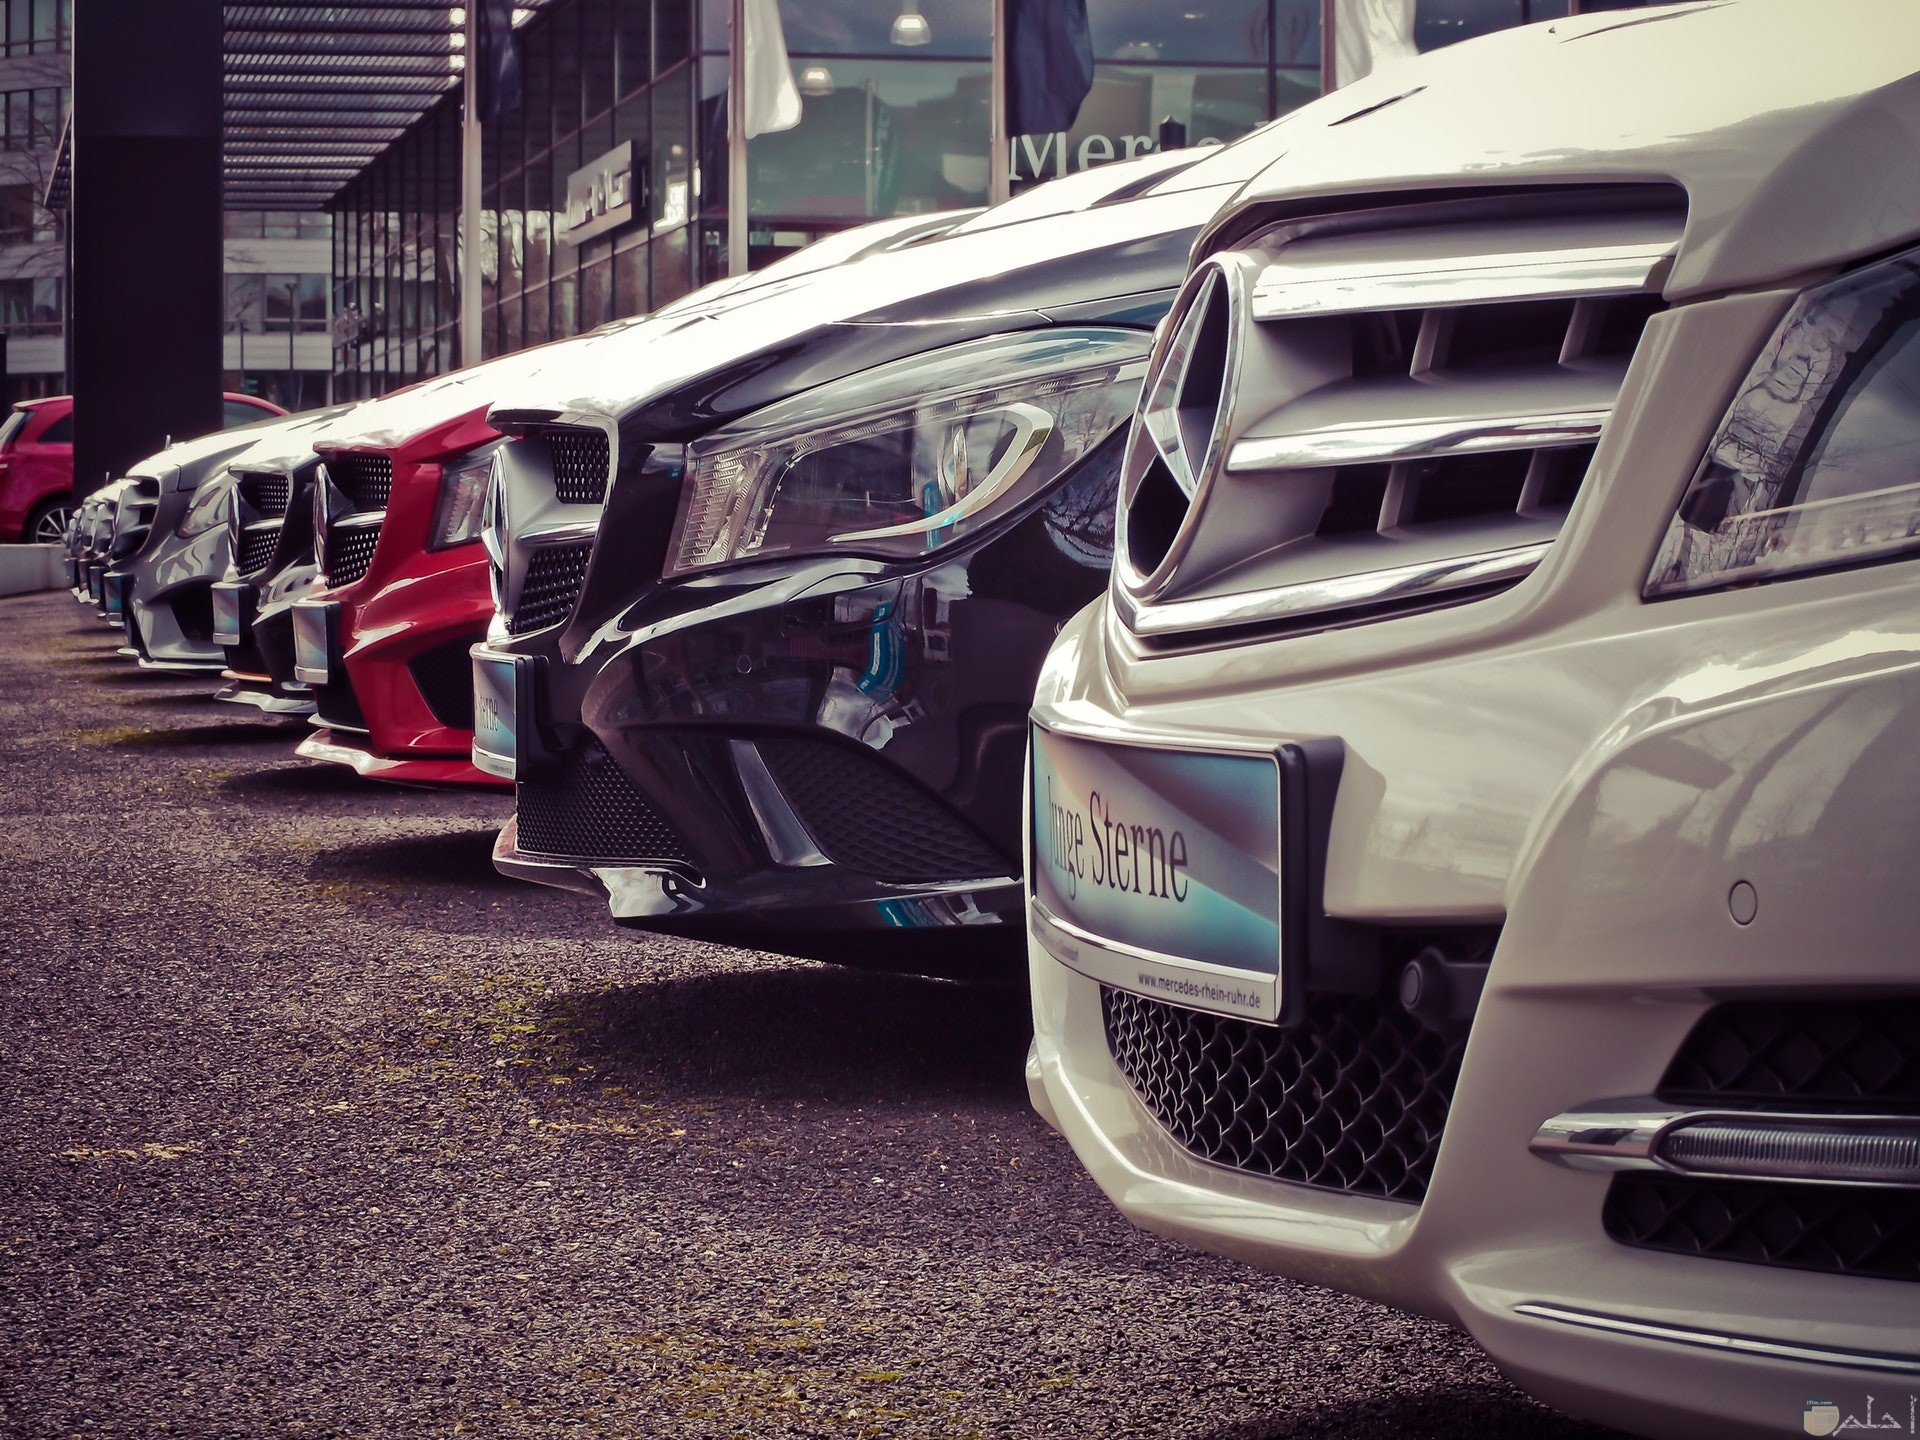 صورة مميزة لسيارات مرسيدس بنز متراصة بجانب بعضها